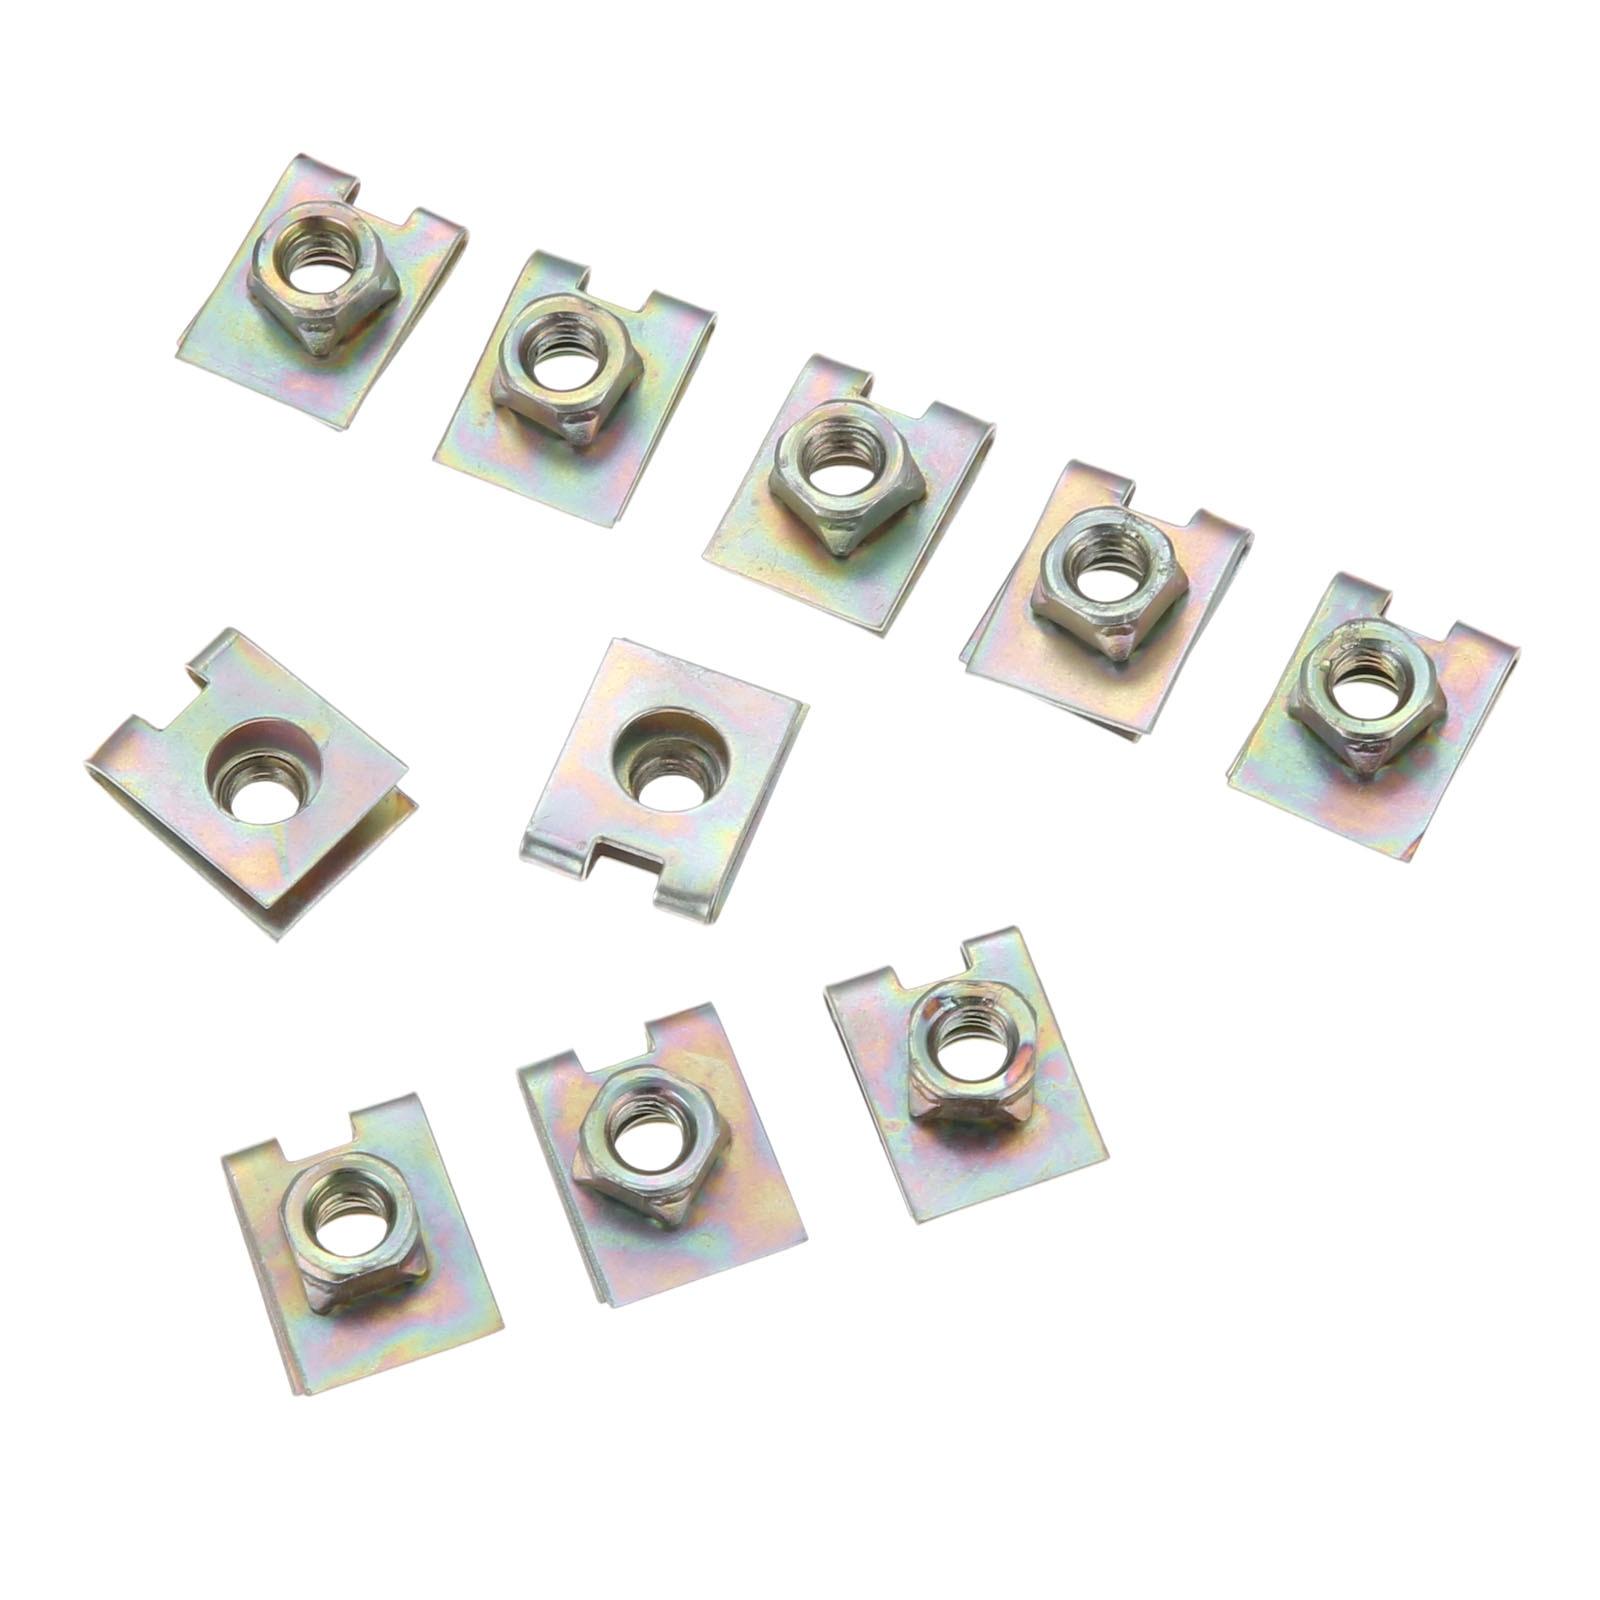 20X M6 6MM Car Interior Metal Spring Screw U-type Clip Nut Fasteners Retainers